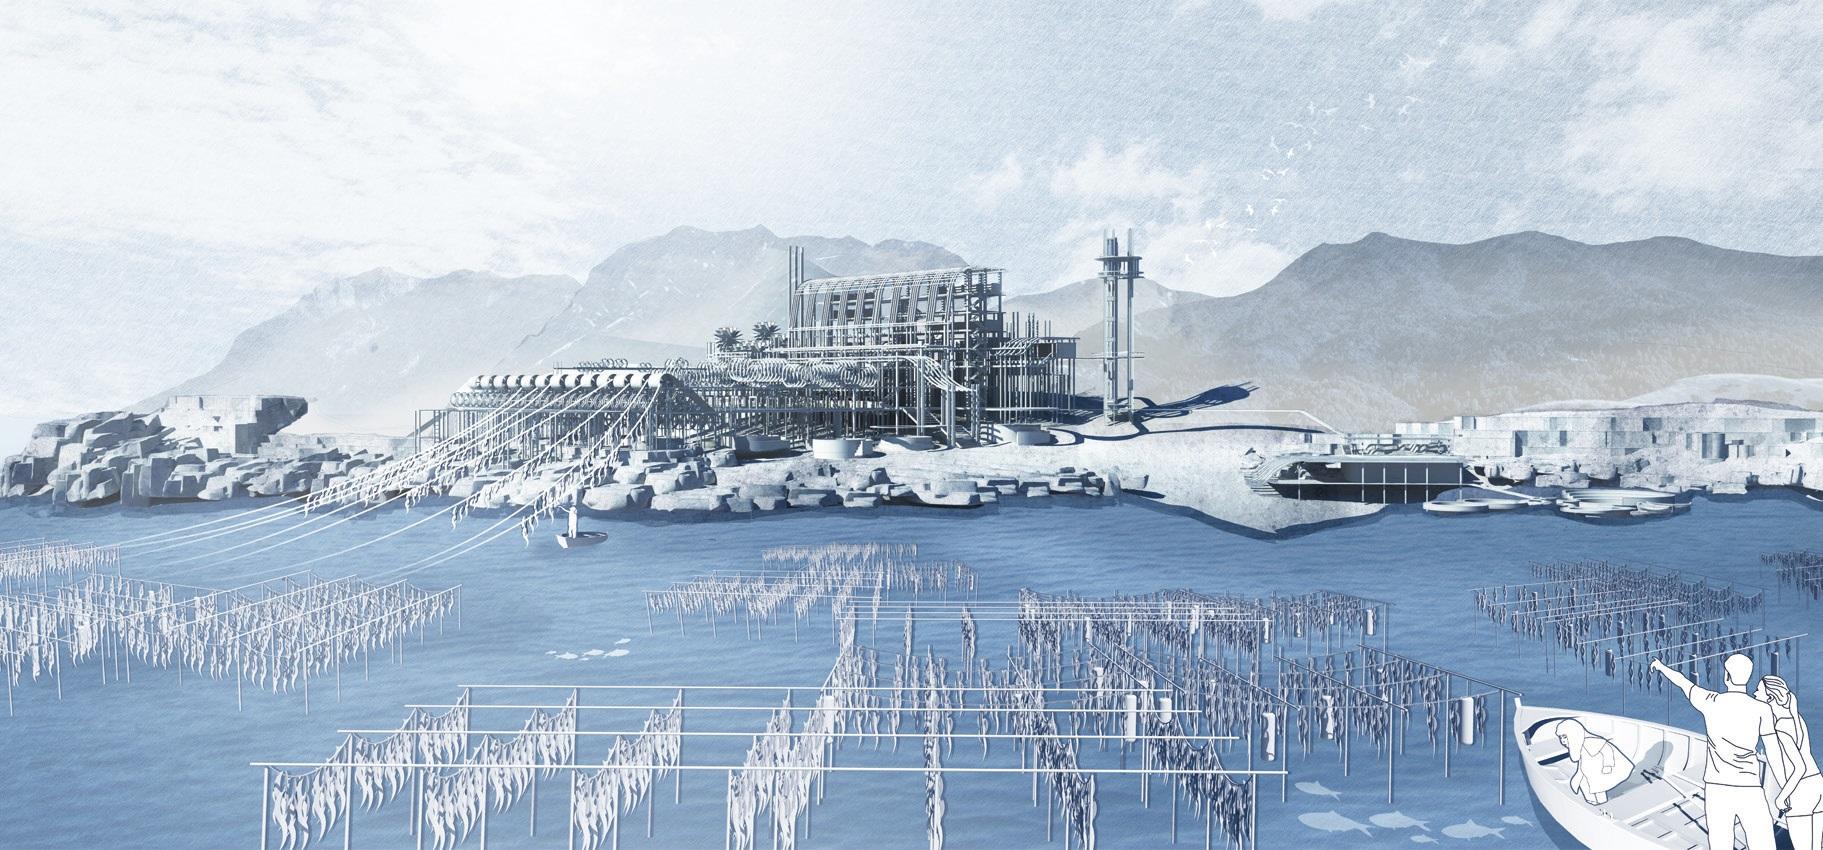 黄乐希《再生建筑:东平洲的海藻机器》构想图。